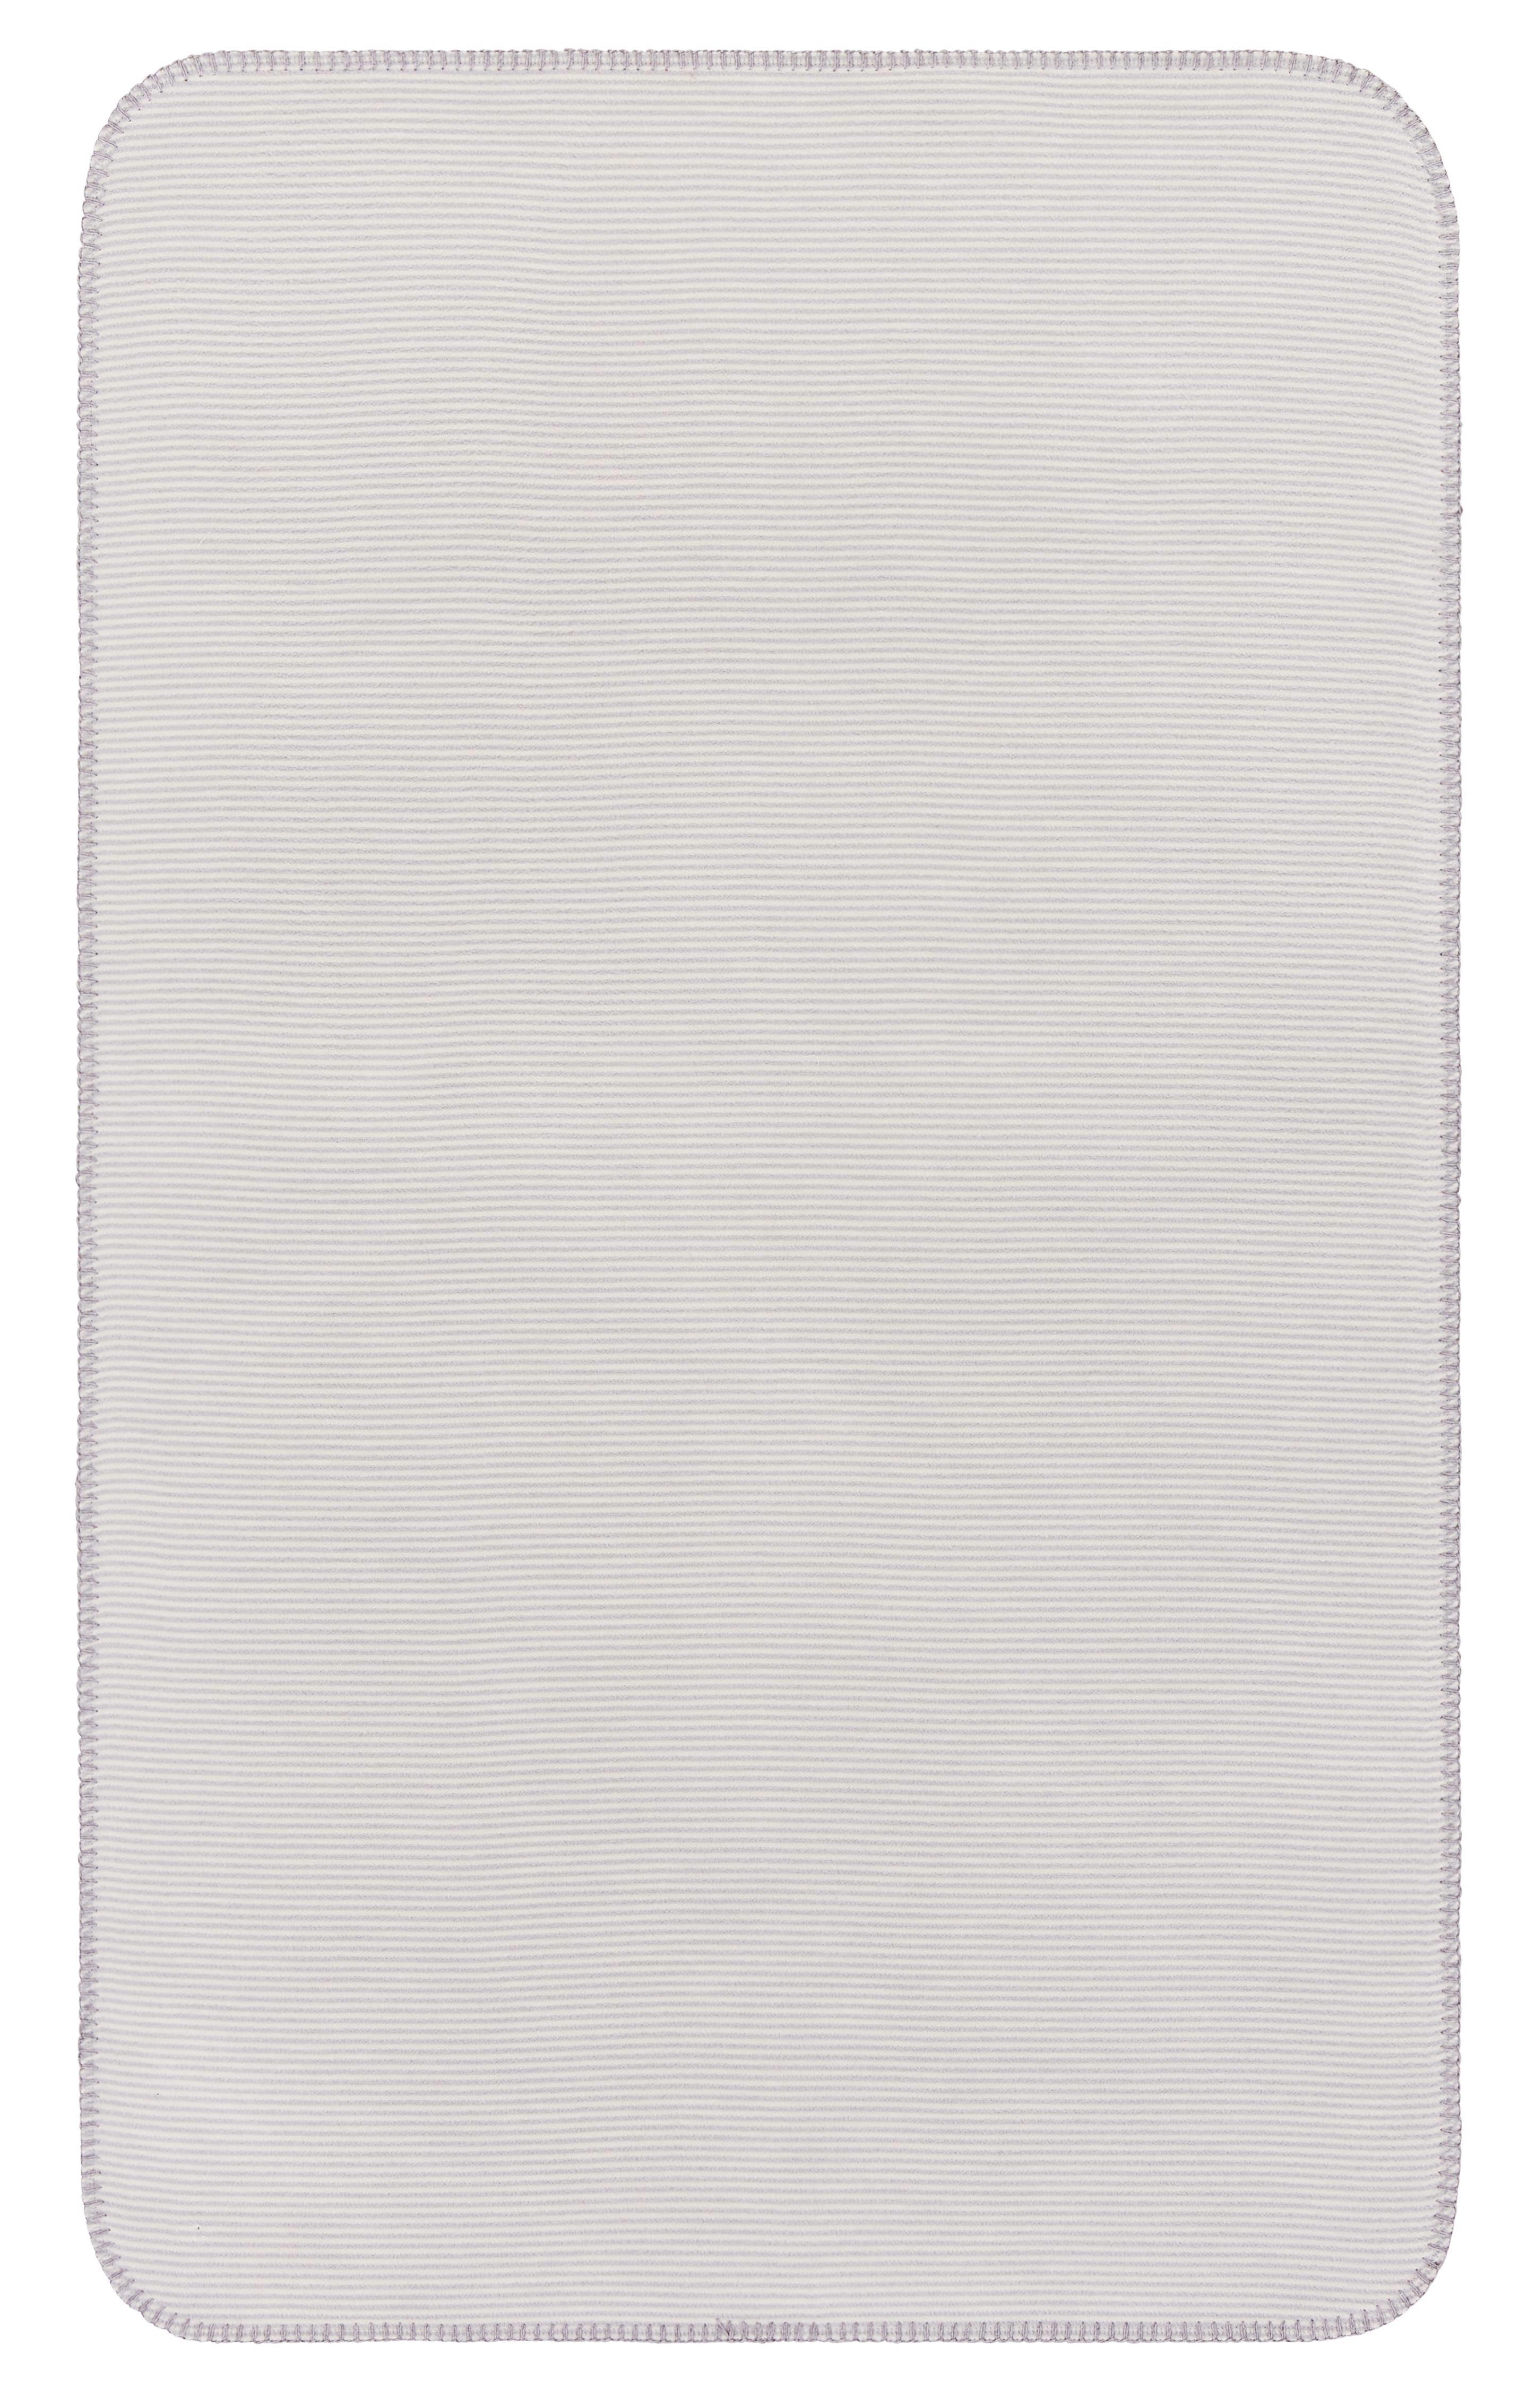 Babydecke Ibena in Natur - Hellgrau, MODERN, Textil (70x100cm) - IBENA